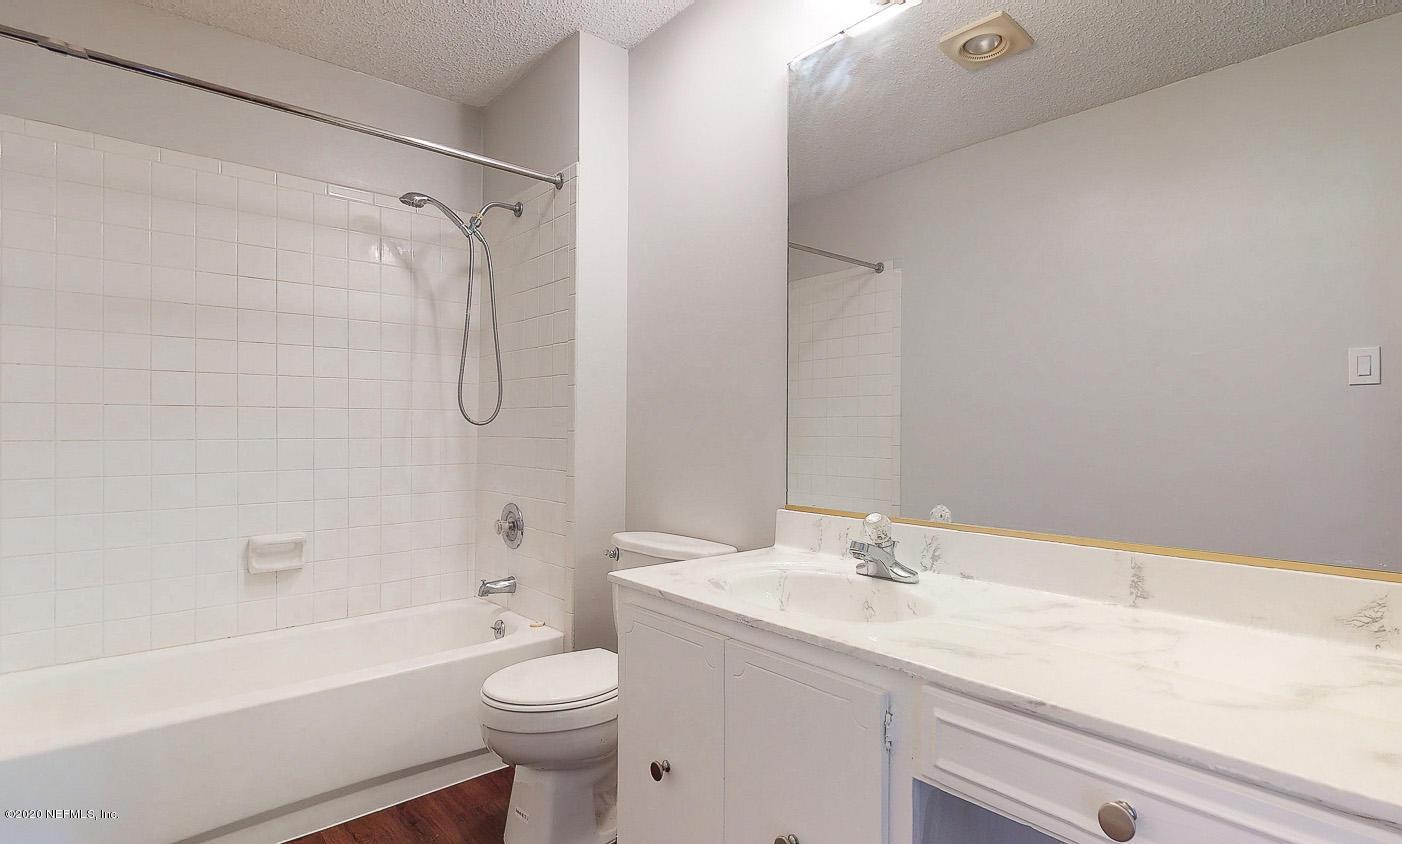 6206 LAKE TAHOE, JACKSONVILLE, FLORIDA 32256, 3 Bedrooms Bedrooms, ,3 BathroomsBathrooms,Residential,For sale,LAKE TAHOE,1080948